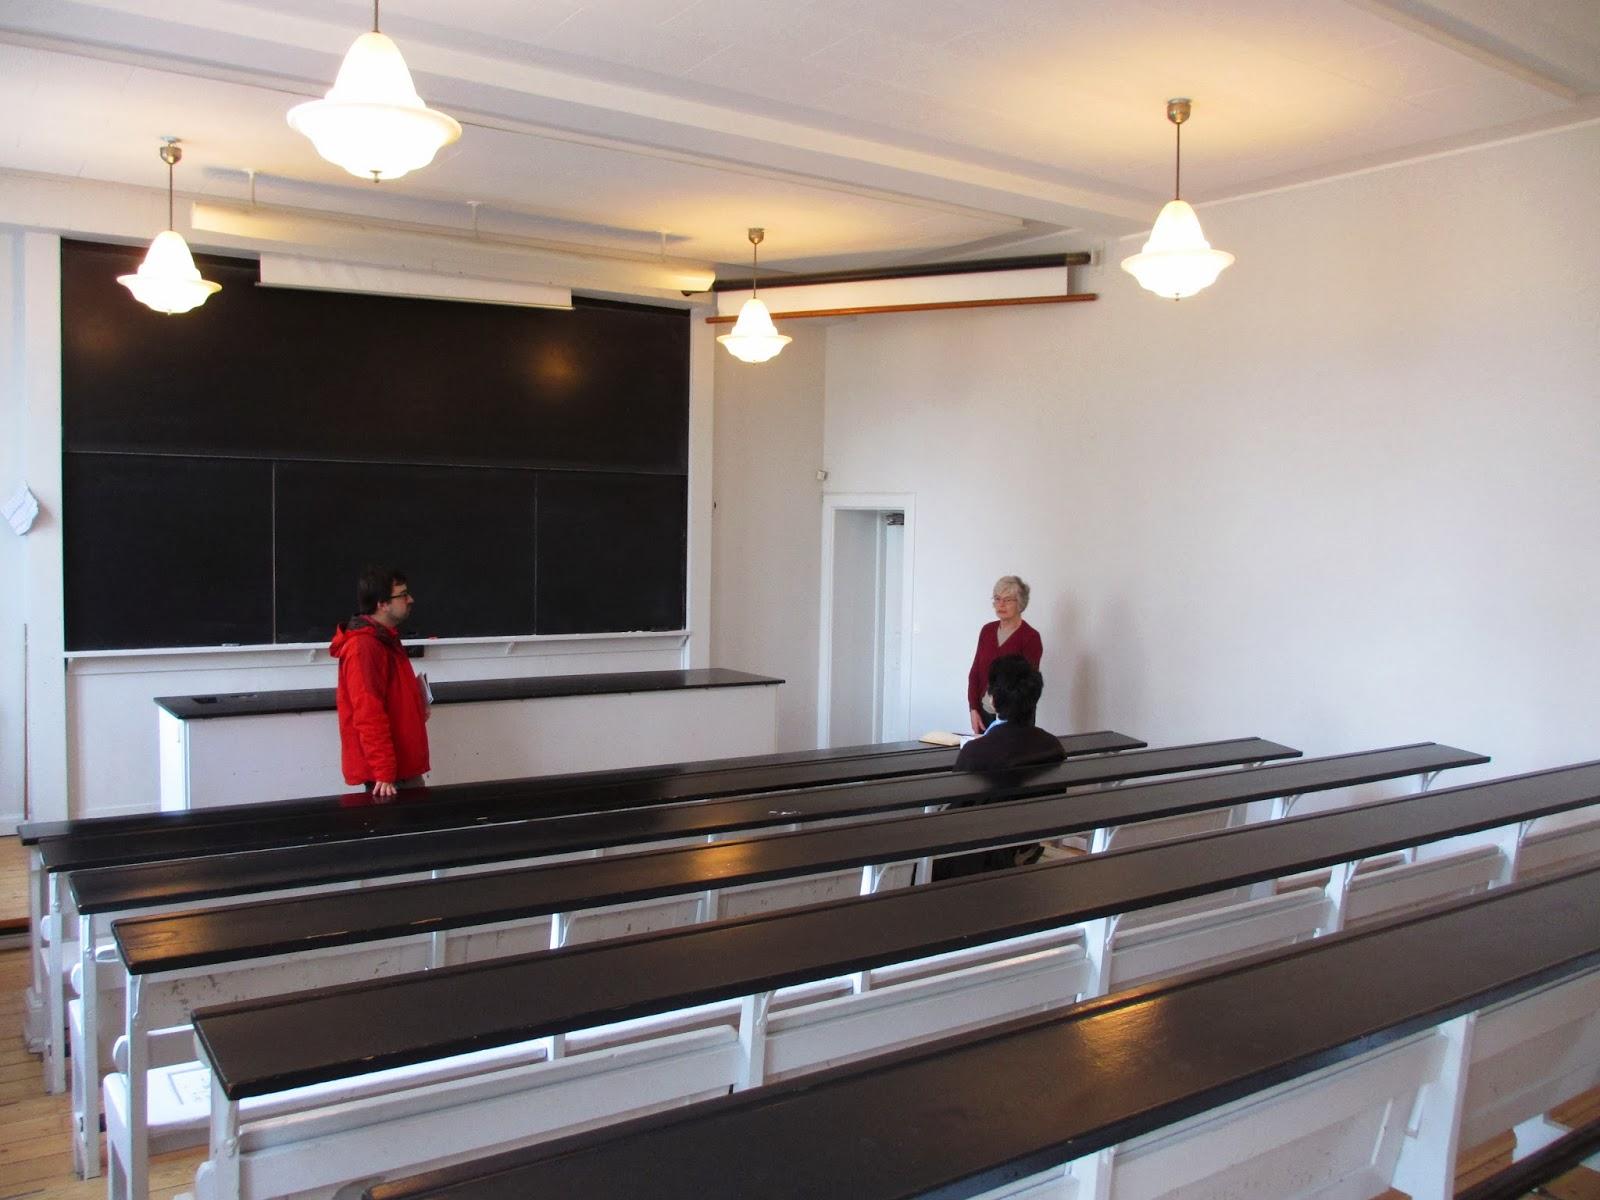 Aprender Física em Copenhaga - NIELS BOHR e o nascimento da física moderna   Dinamarca